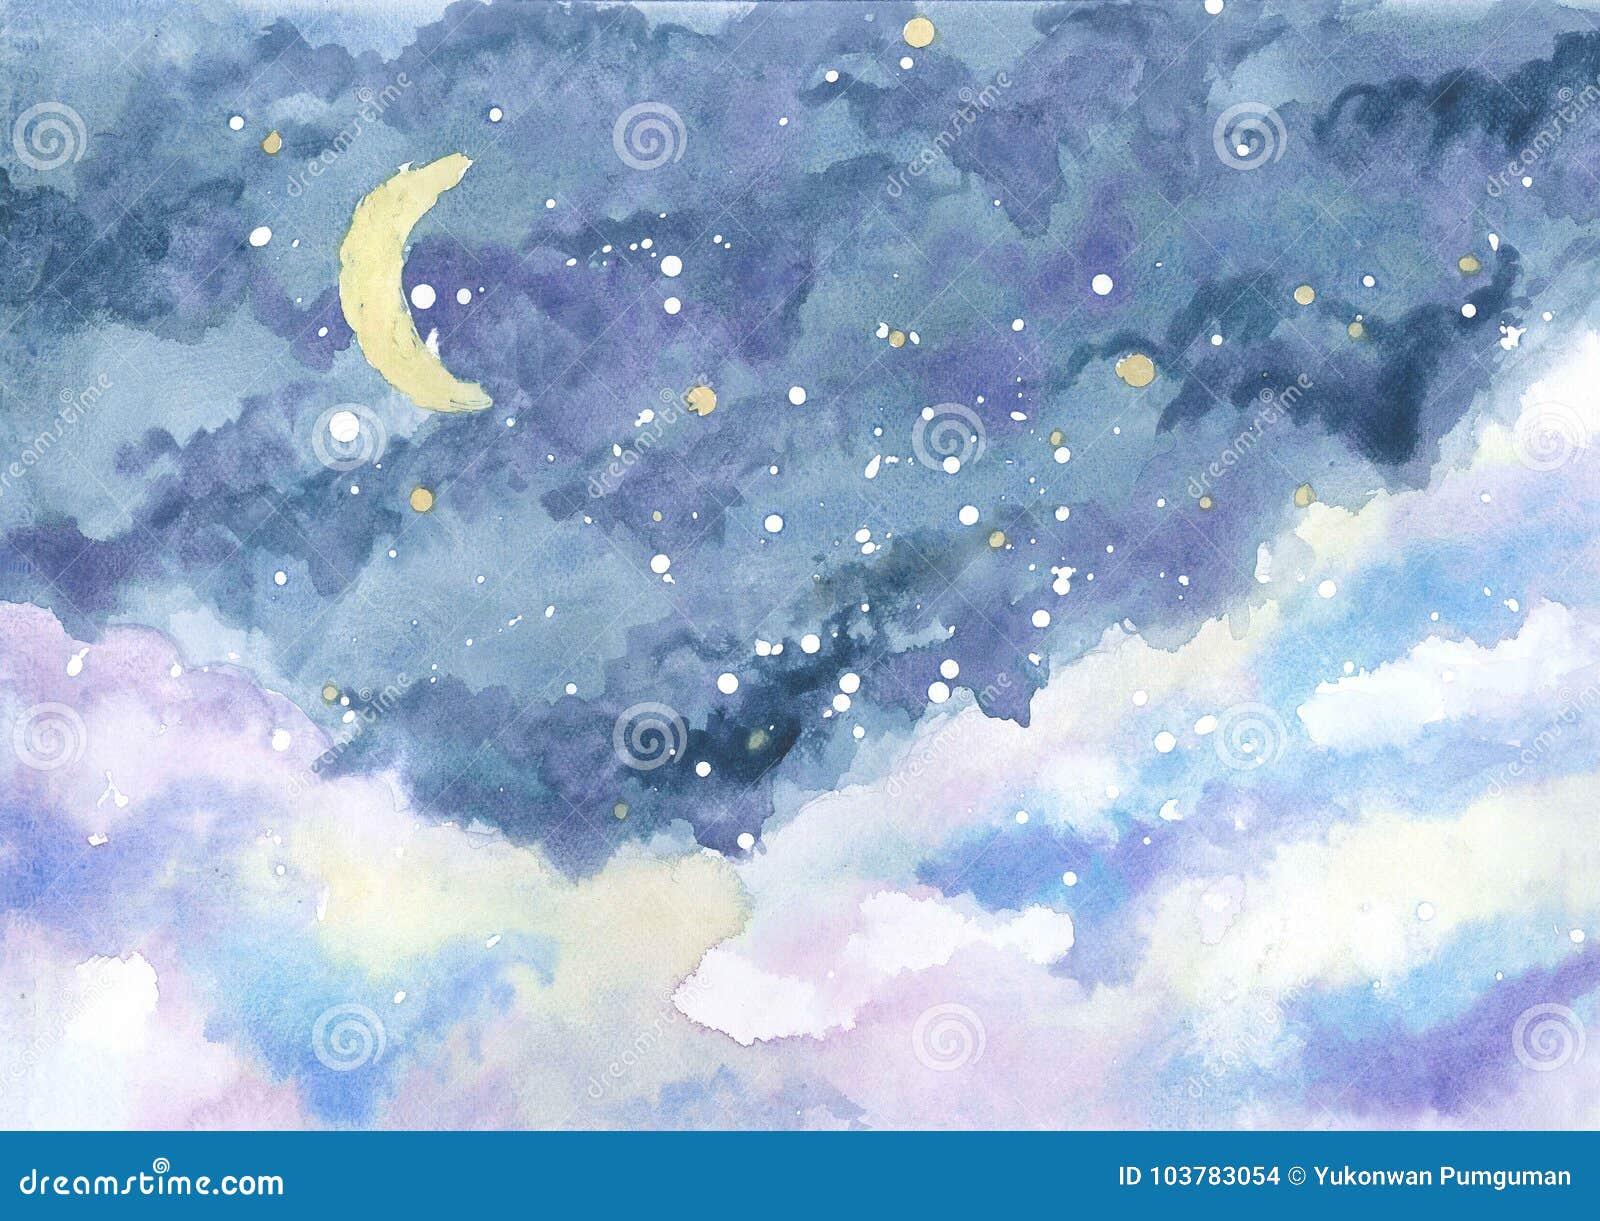 Ζωγραφική Watercolor του νυχτερινού ουρανού με το ημισεληνοειδές φεγγάρι μεταξύ των αστεριών